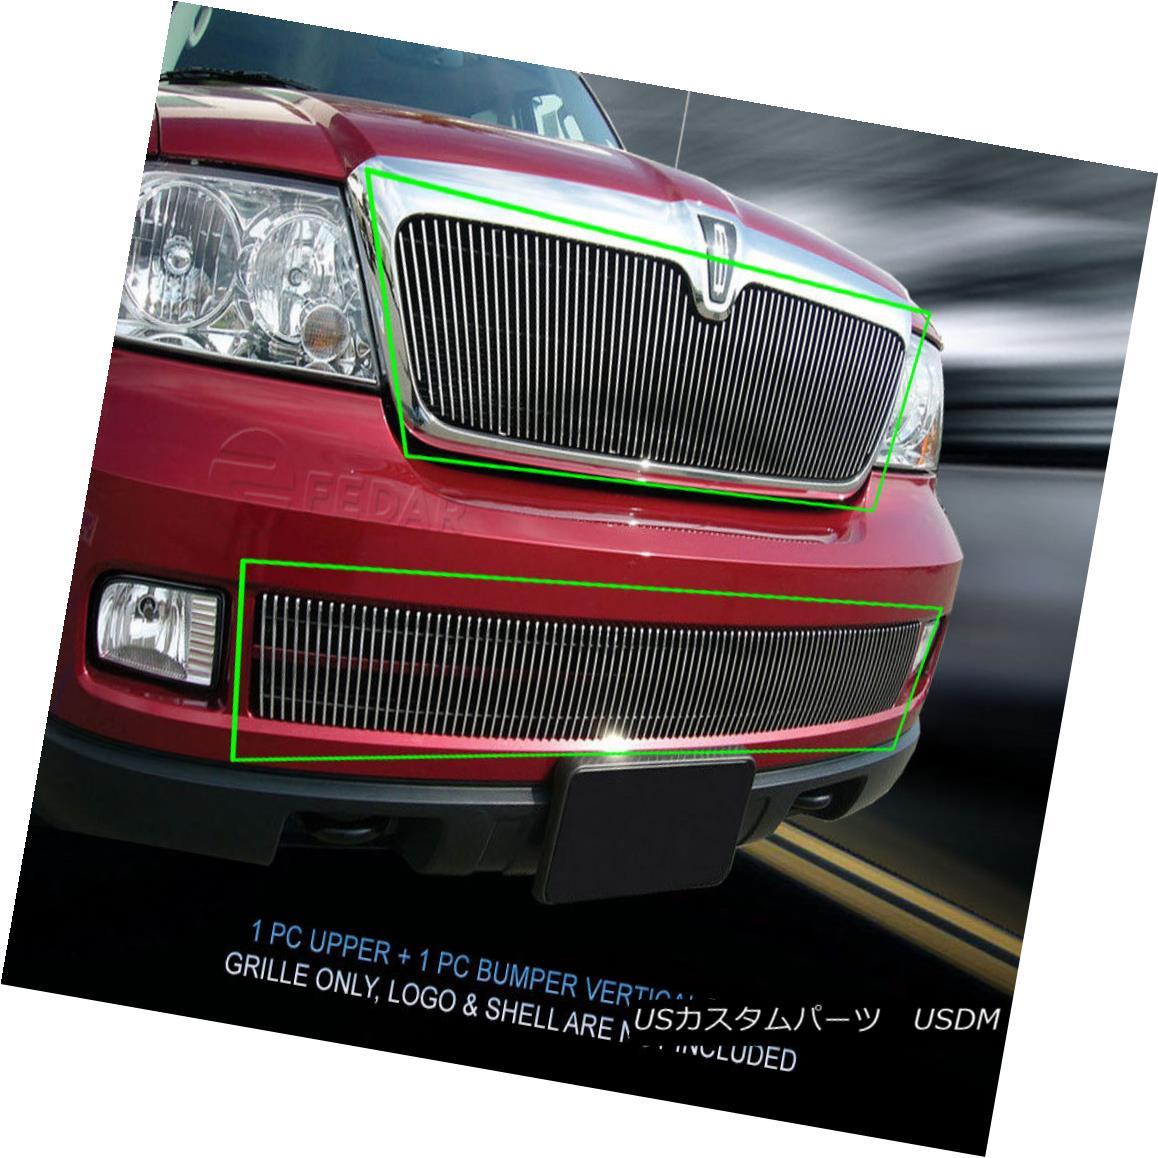 グリル Fits 05-06 Lincoln Navigator Billet Grille Grill Combo Vertical Insert Fedar フィット05-06リンカーンナビゲータービレットグリルグリルコンボ垂直挿入フェルダー